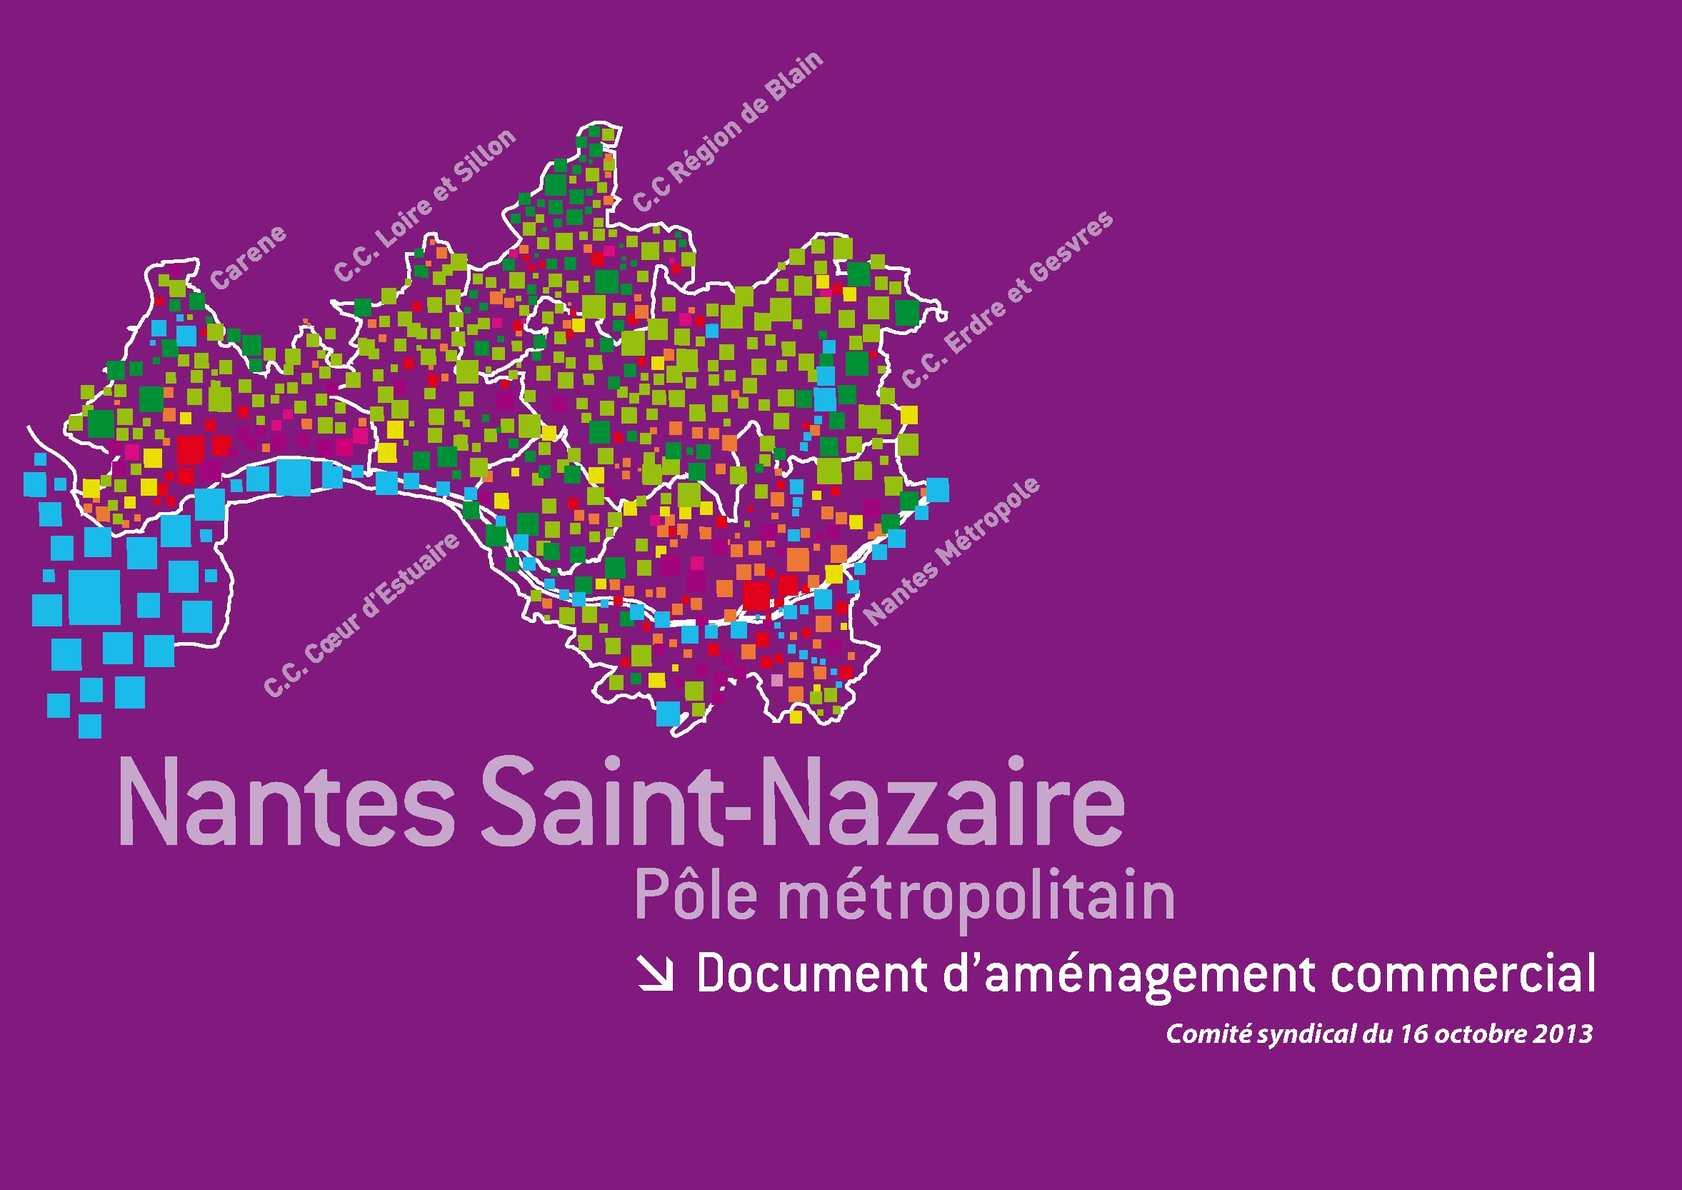 Calameo Pole Metropolitain Nantes Saint Nazaire Document D Amenagement Commercial Dac